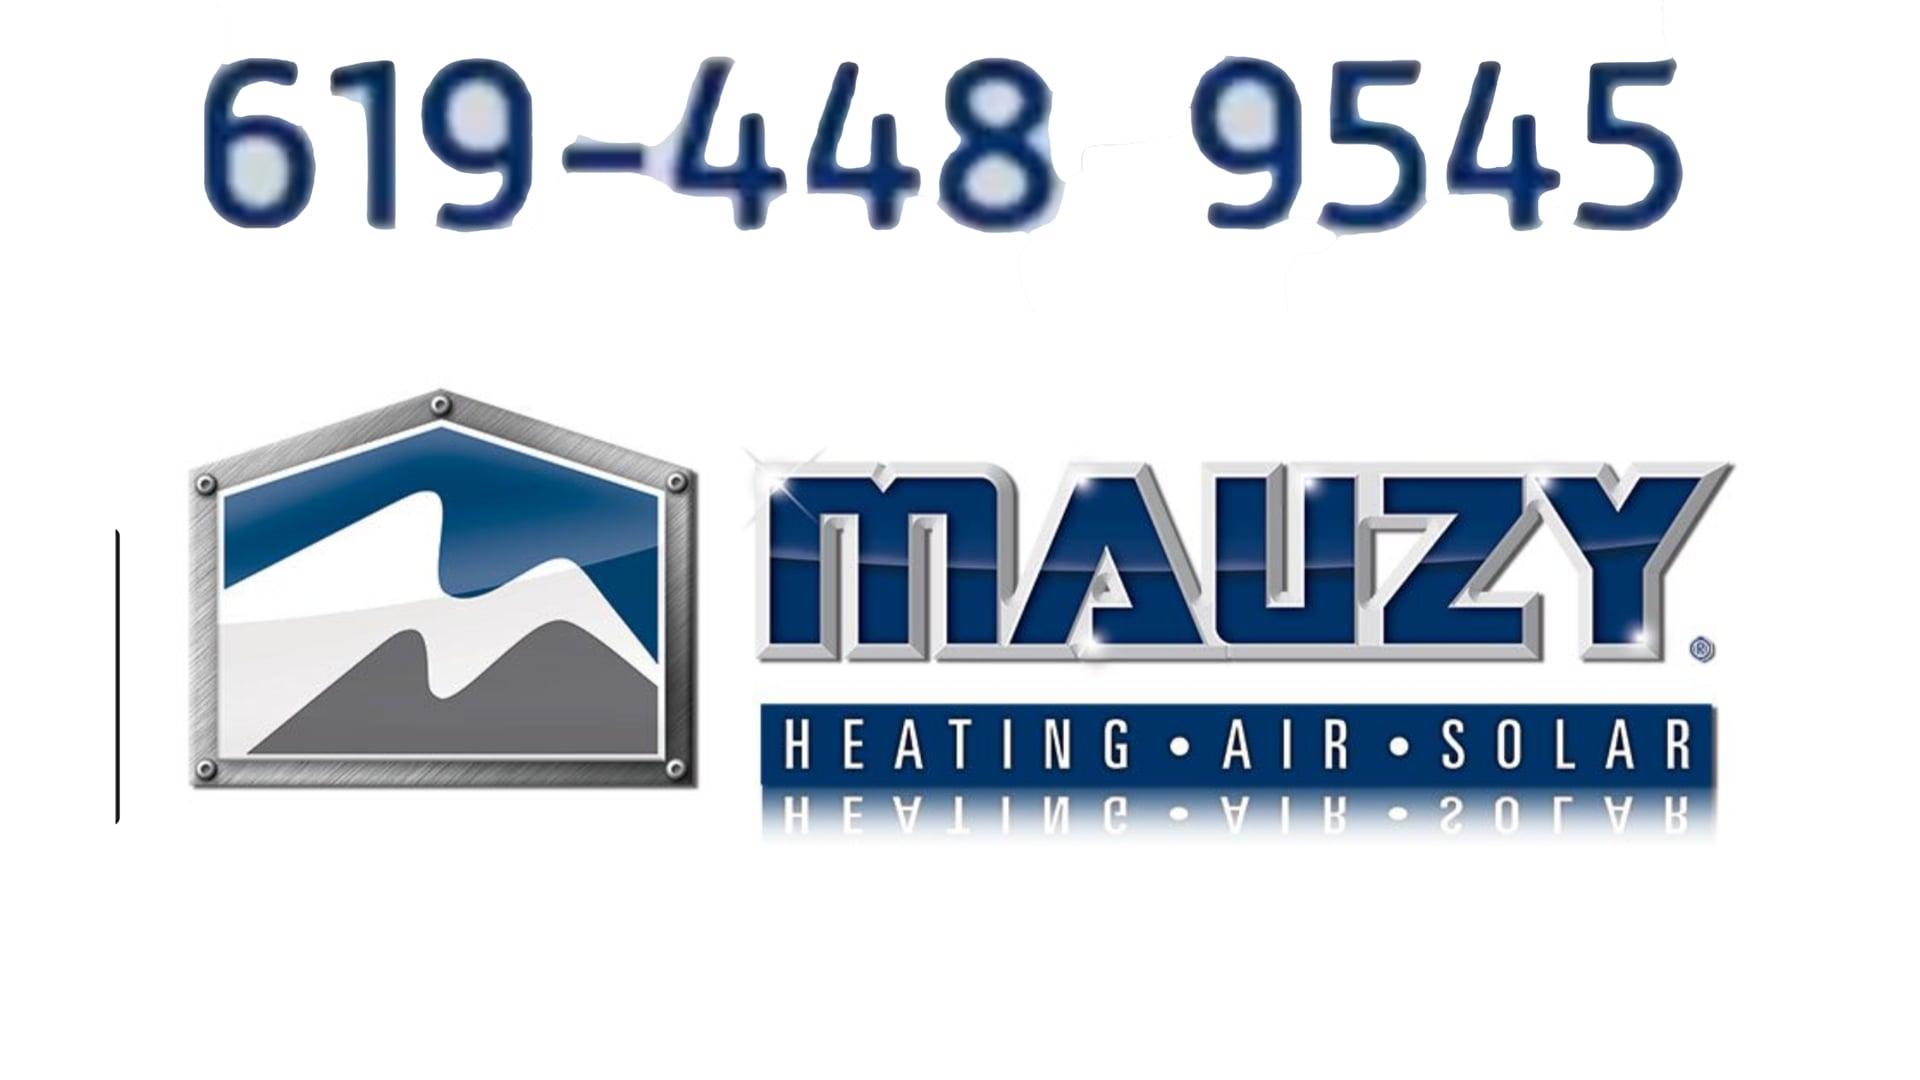 619-448-9545 Best HVAC Company in San Diego Ca GO TO Mauzy.com